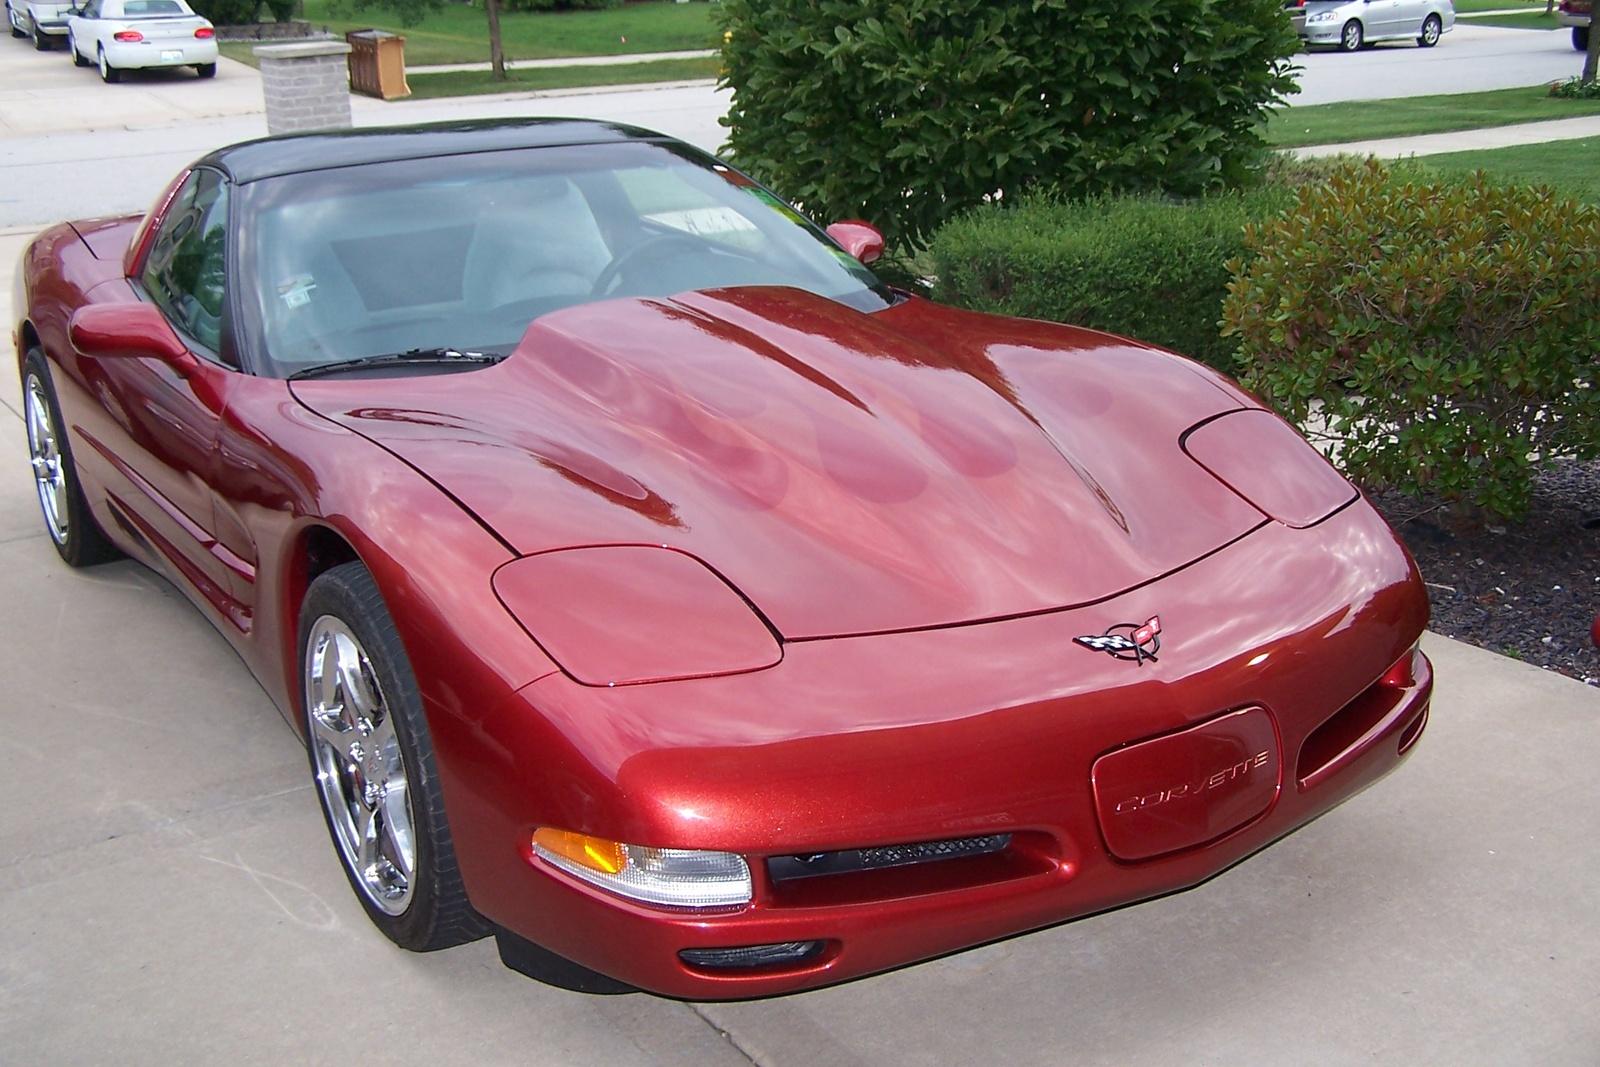 Chevrolet Corvette 1997